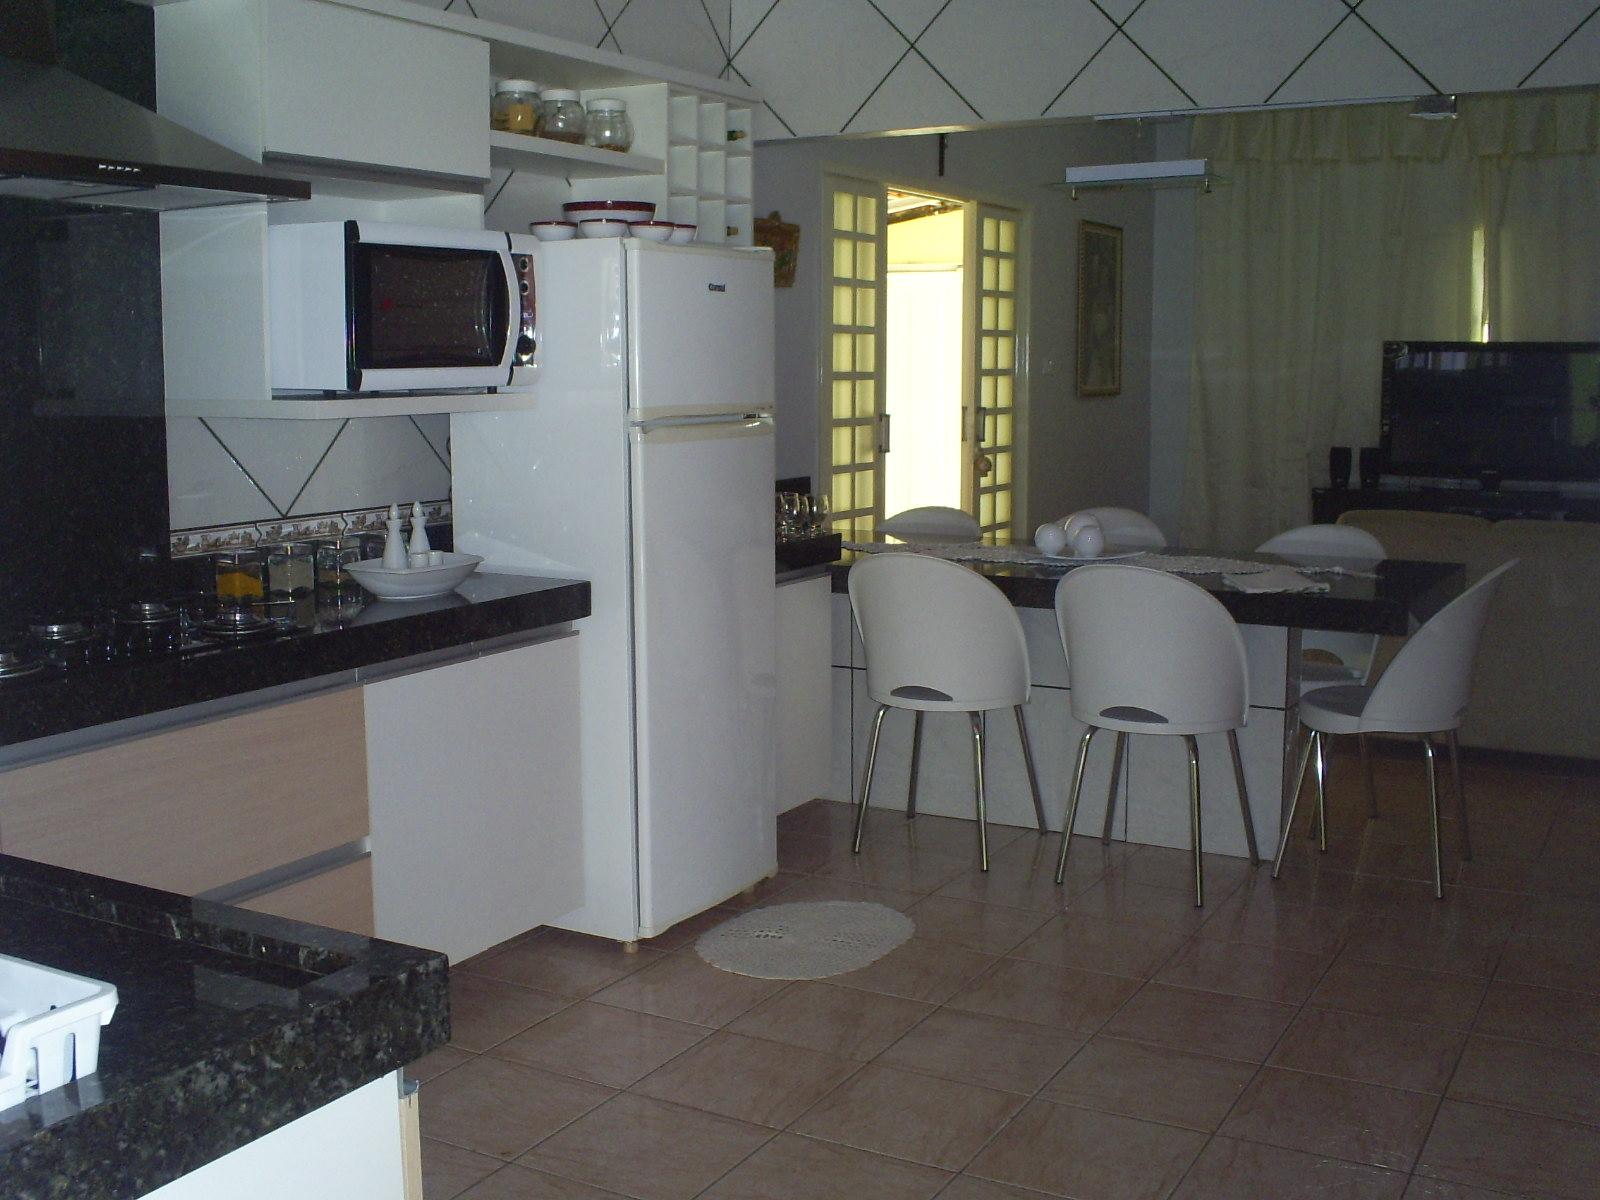 cozinha integrada grande cozinha americana.jpg #8A8741 1600 1200